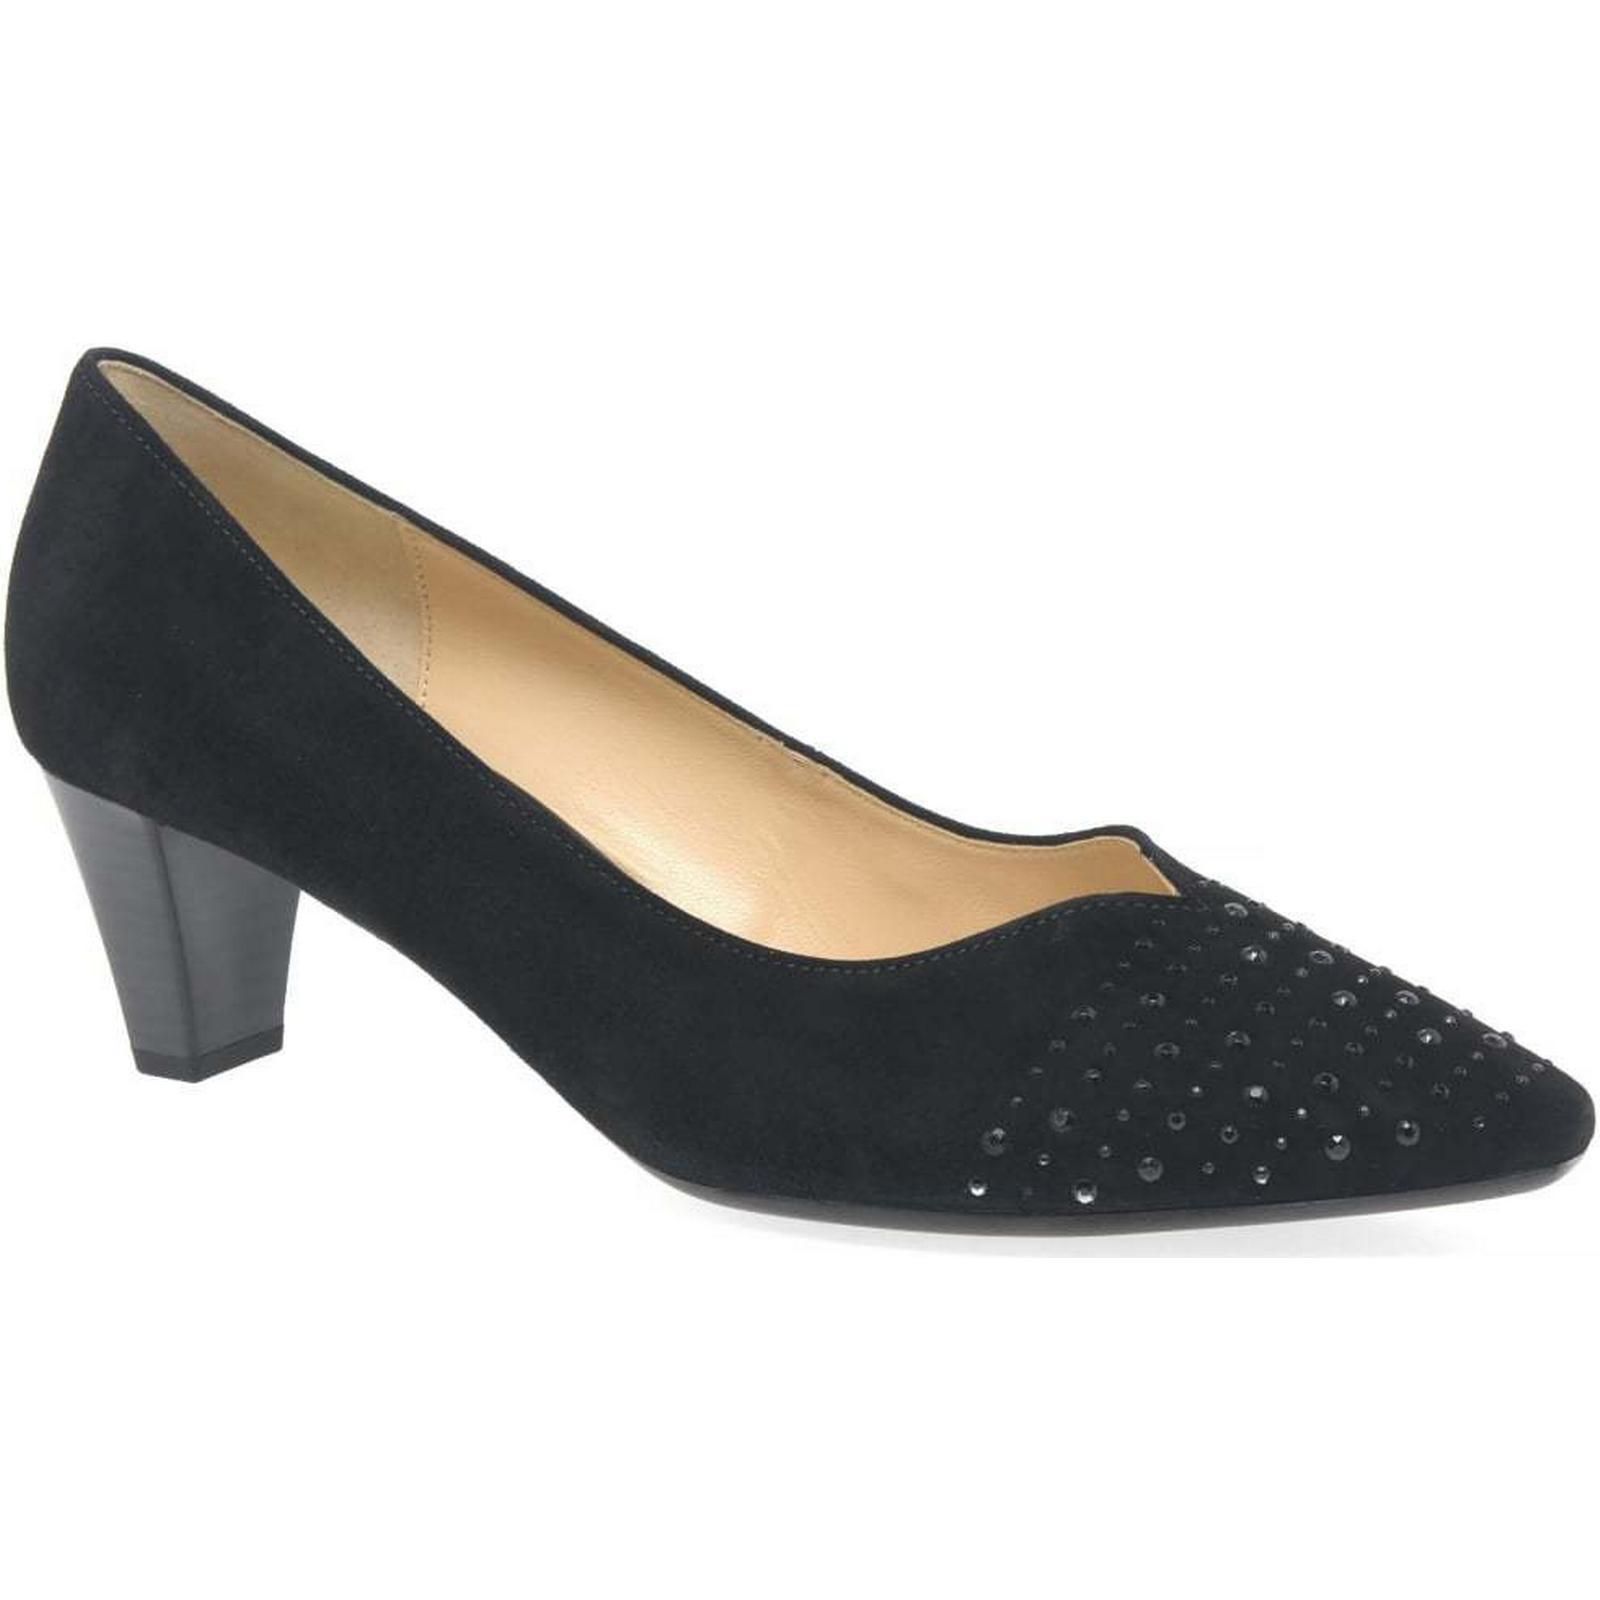 Gabor Bathurst Black Womens Court Shoes Colour: Black Bathurst Suede, Size: 7 429641